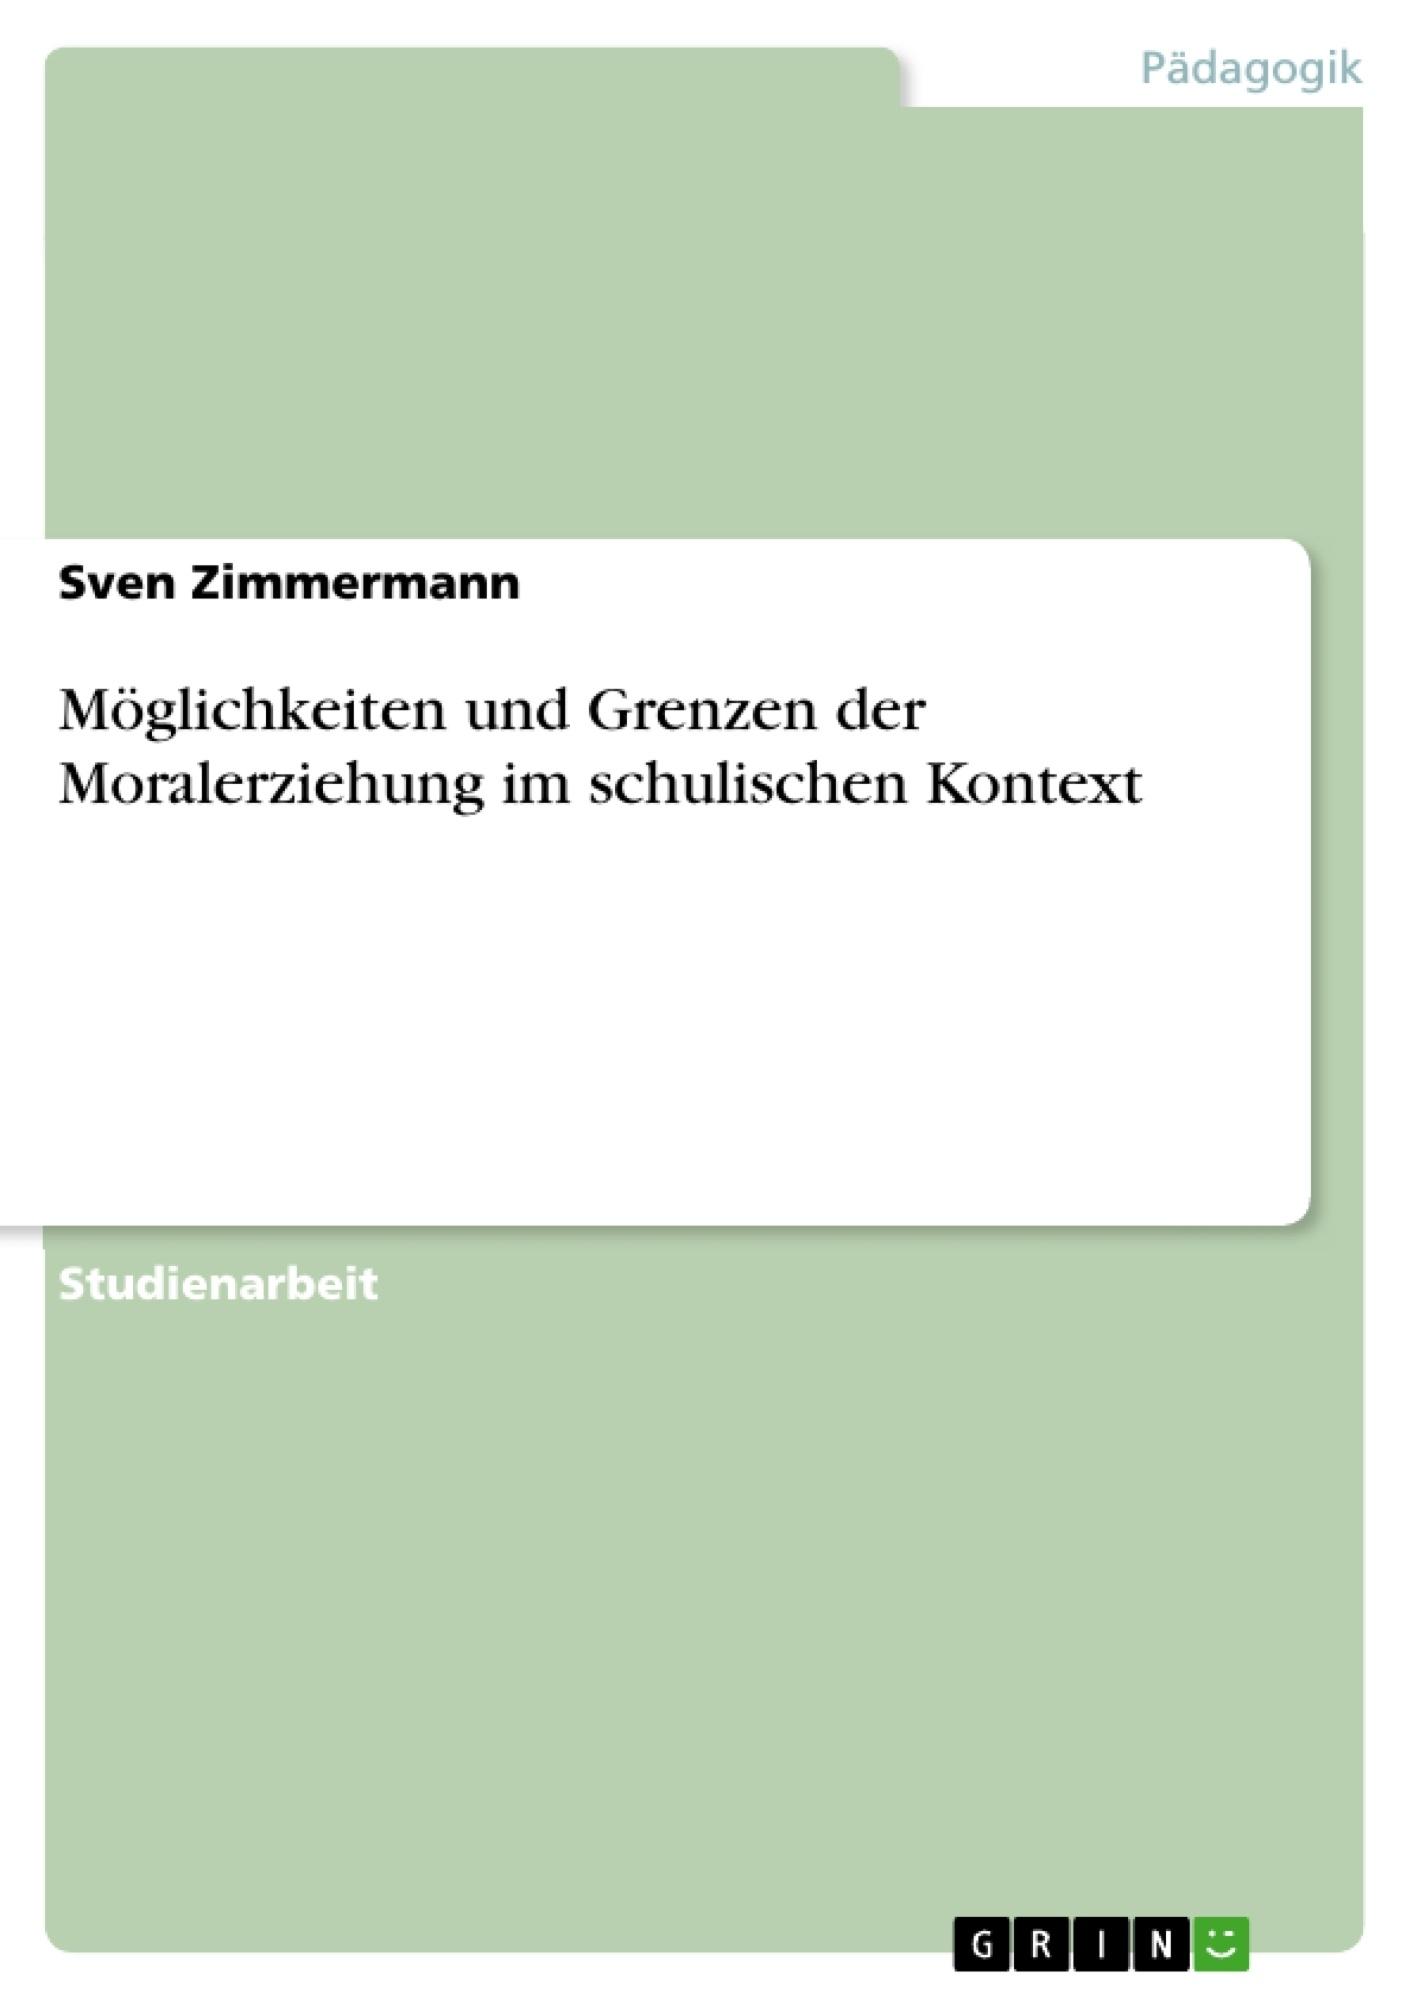 Titel: Möglichkeiten und Grenzen der Moralerziehung im schulischen Kontext